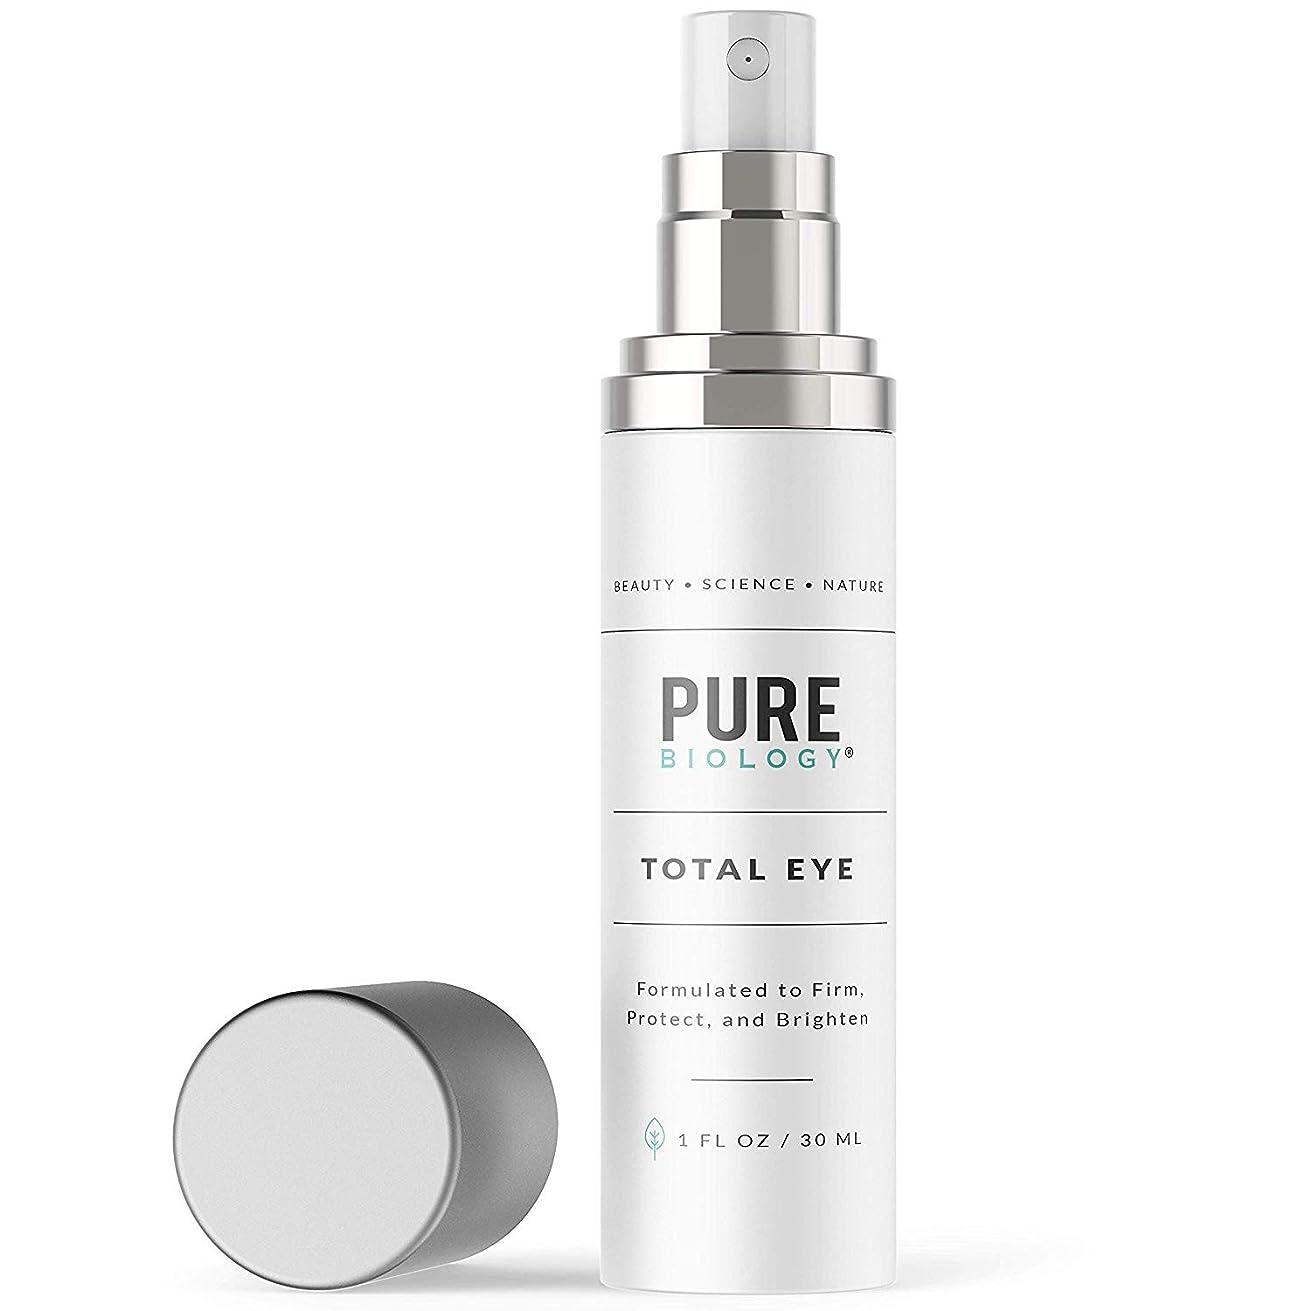 称賛昇進進捗[Pure Biology] [アイクリームTotal Eye Cream with Vitamin C + E, Hyaluronic Acid & Anti Aging Complexes to Reduce Dark Circles, Puffiness, Under Eye Bags, Wrinkles & Fine Lines] (並行輸入品)